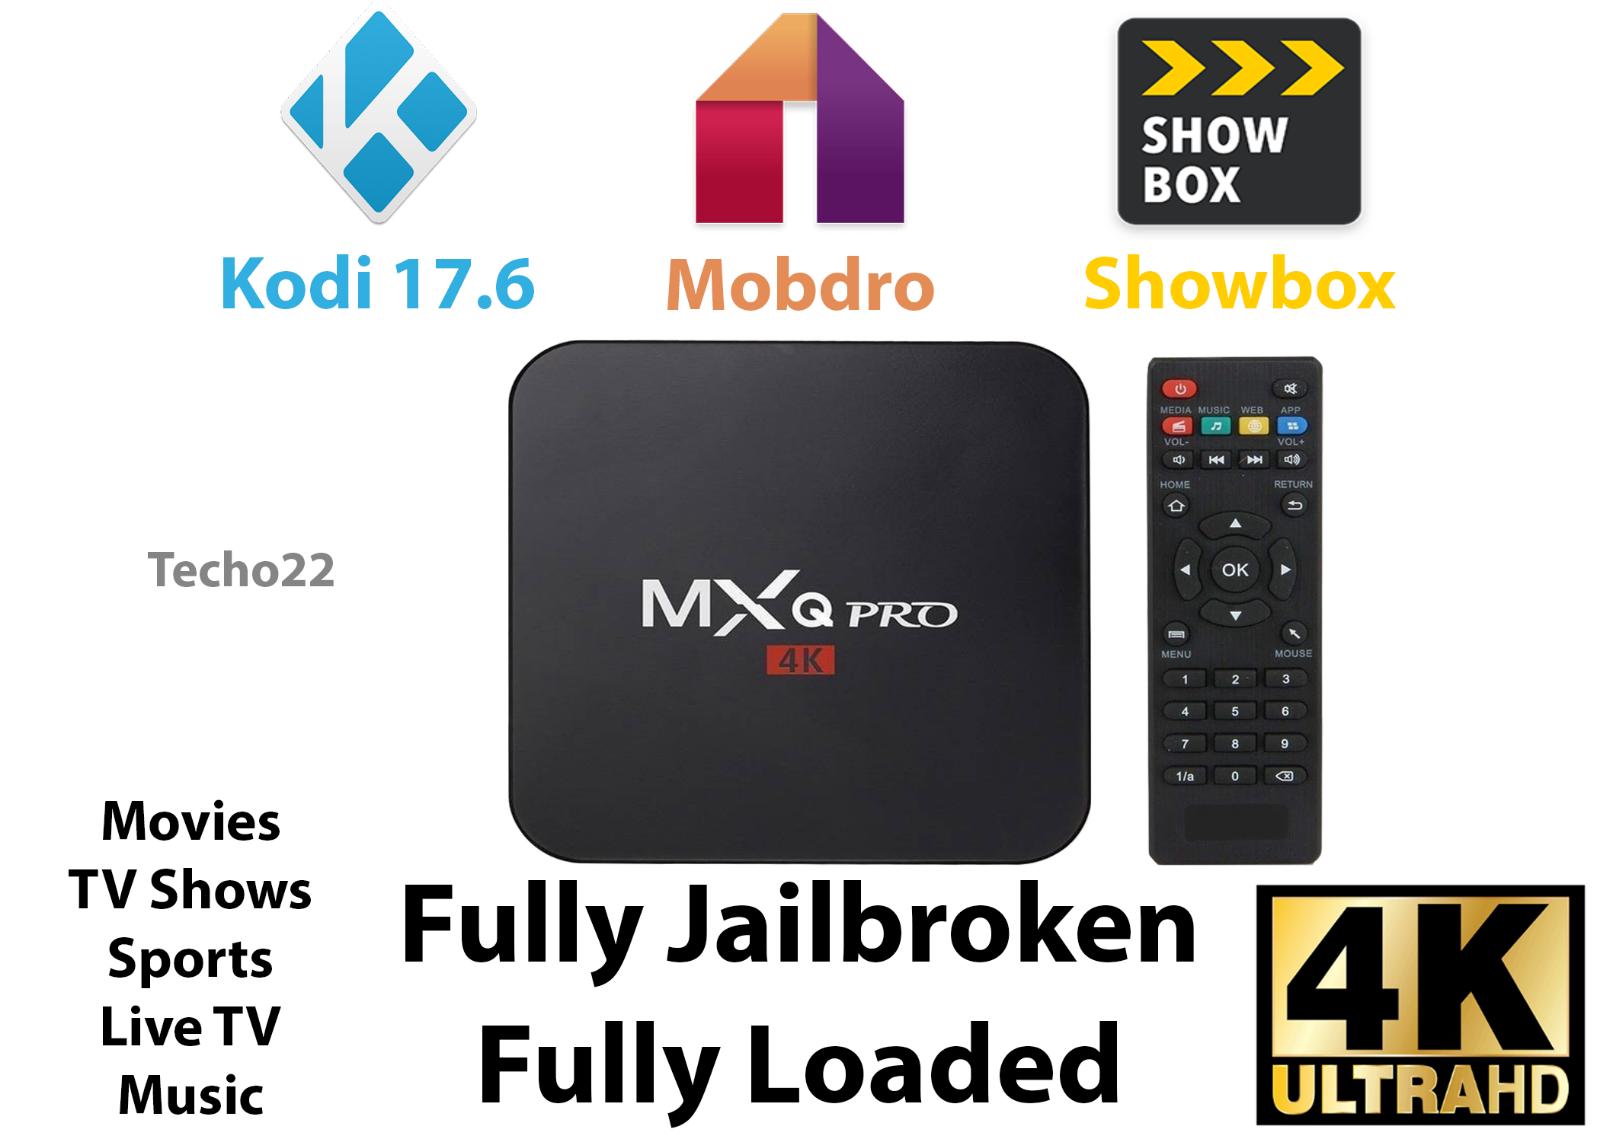 MXQ Pro 4K Ultra HD 3D 64Bit Wifi Android 7.1 Quad Core Smart TV Box + KODI 17.6